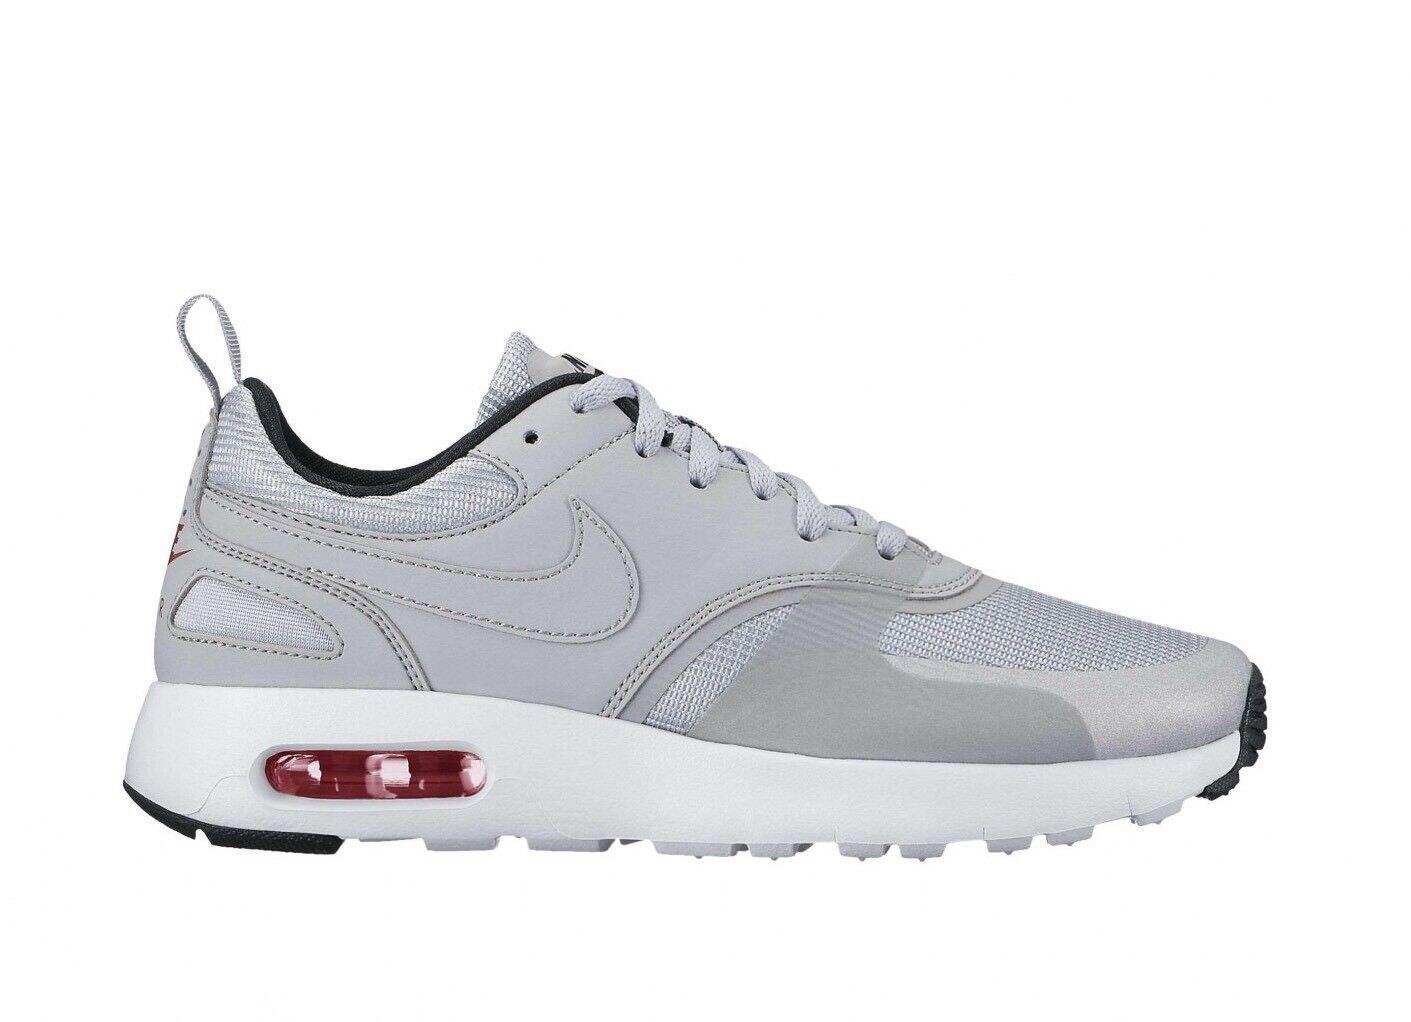 Nike Air Air Air Max Vision SE GS Youth 909254-001 grau Silber Größe UK 5.5 EU 38.5 US 6Y  | Neu  9f8334